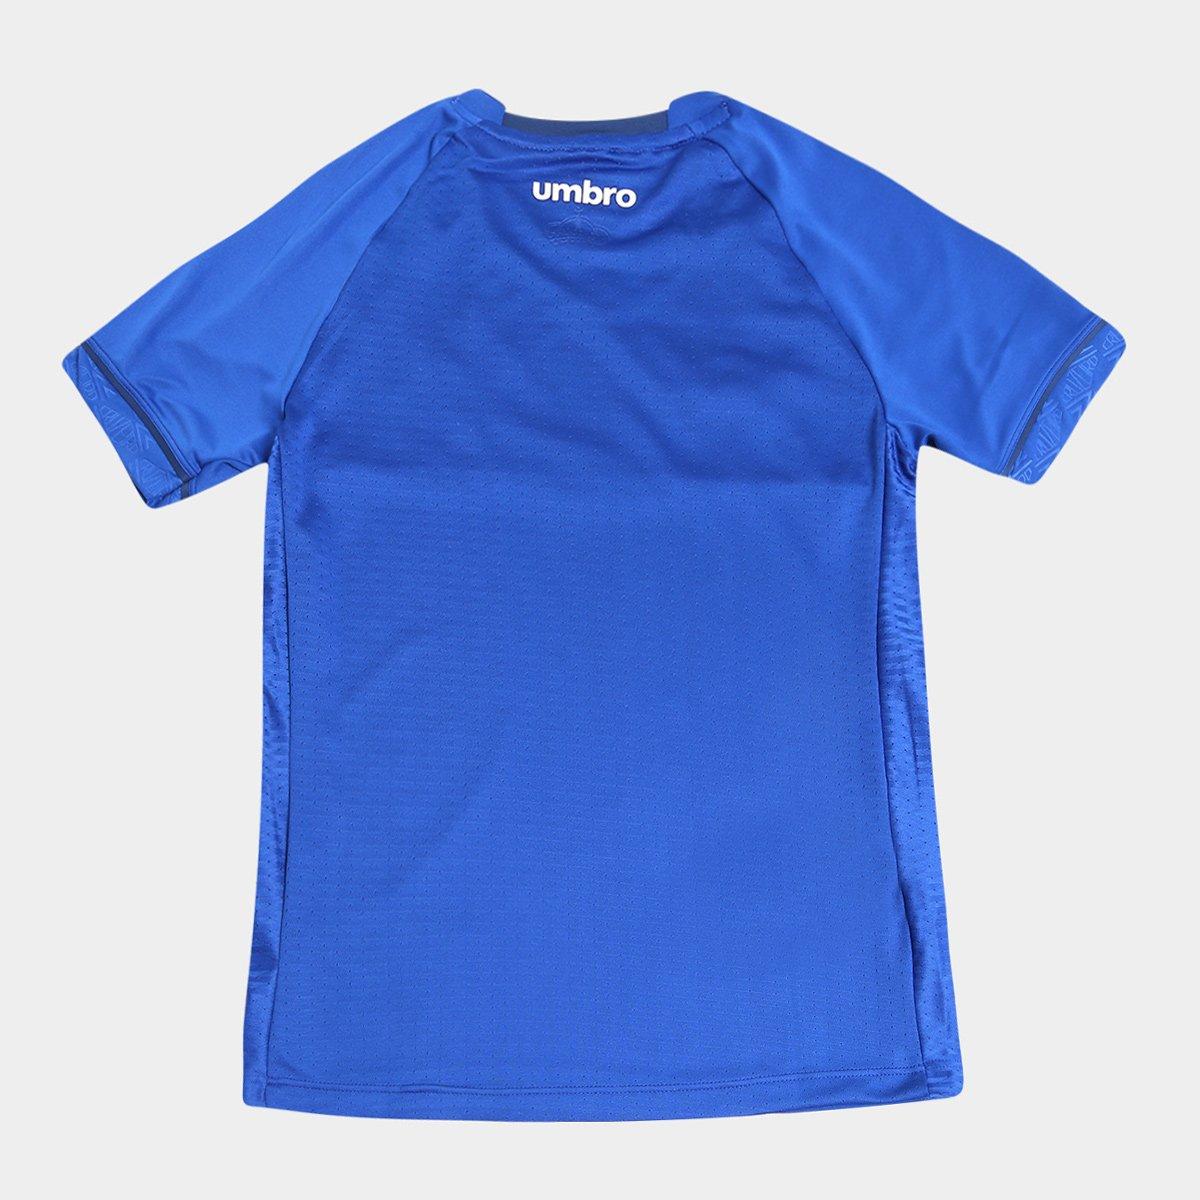 Umbro 18 19 n° Torcedor Branco I e s Camisa Cruzeiro Infantil Azul xqB886